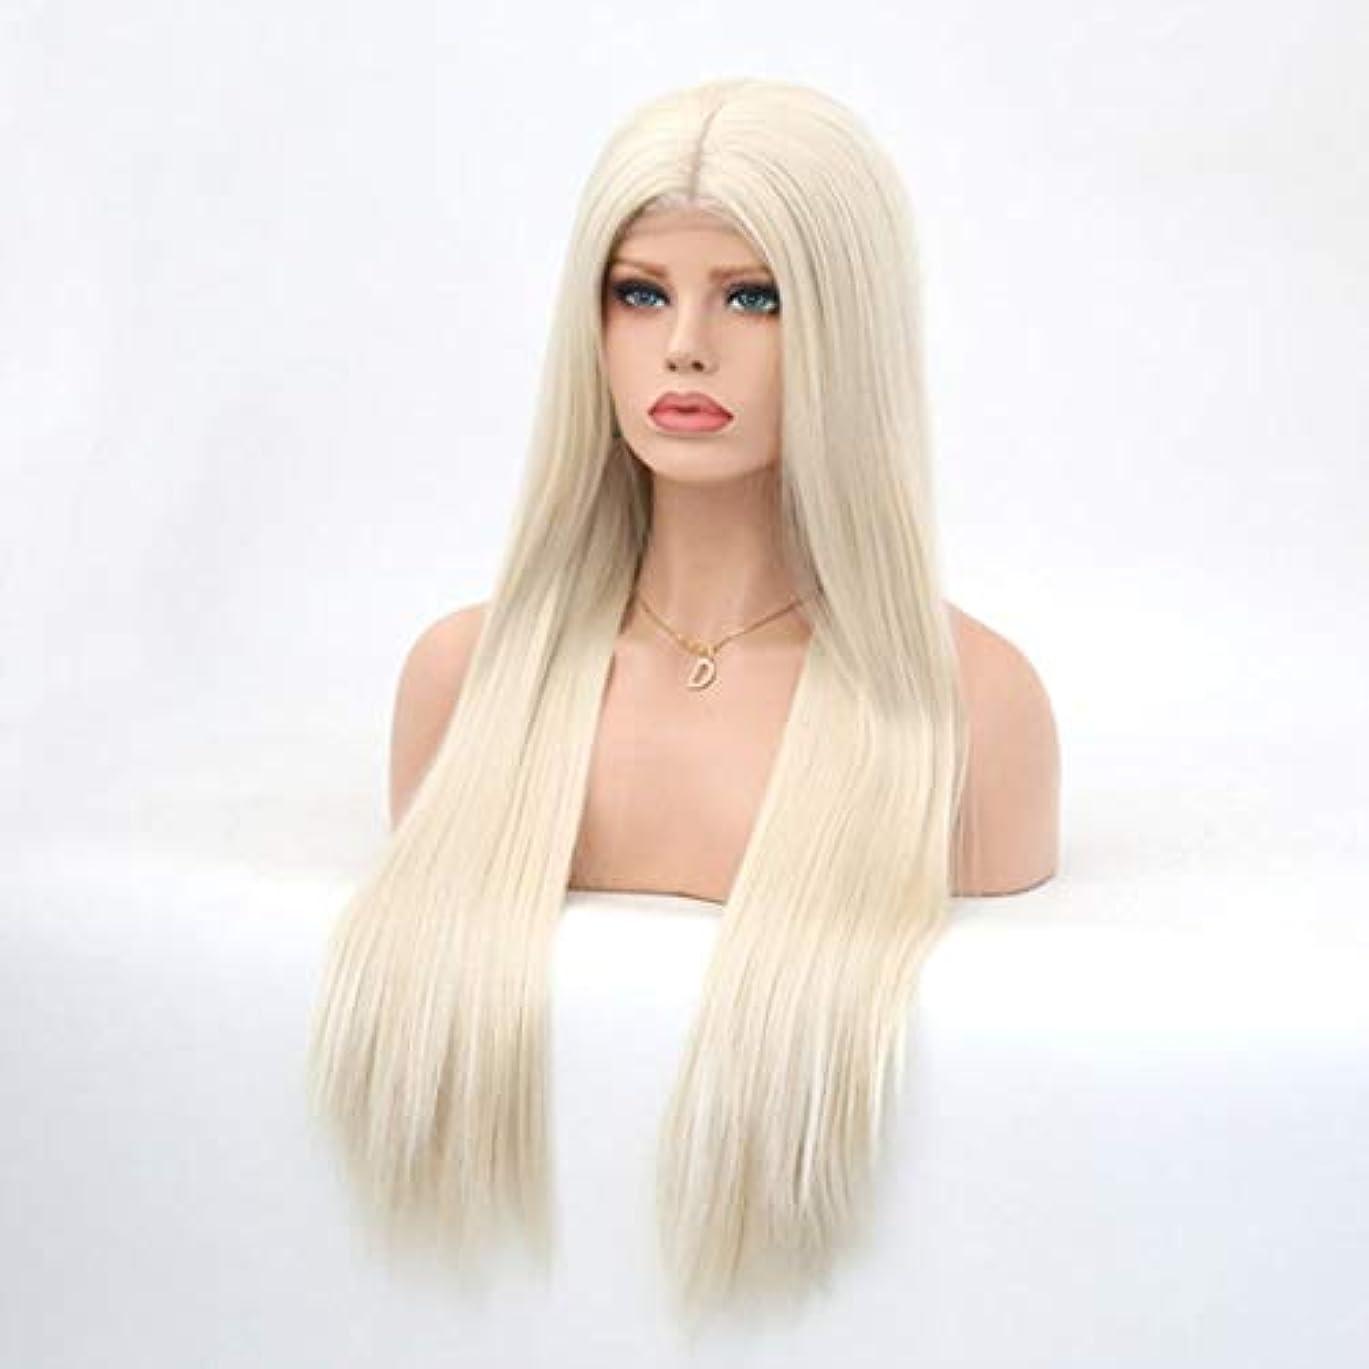 炭水化物製品九時四十五分Kerwinner レディースシルクロングストレートブラックウィッグ耐熱合成かつら前髪付きウィッグ女性用ウィッグ